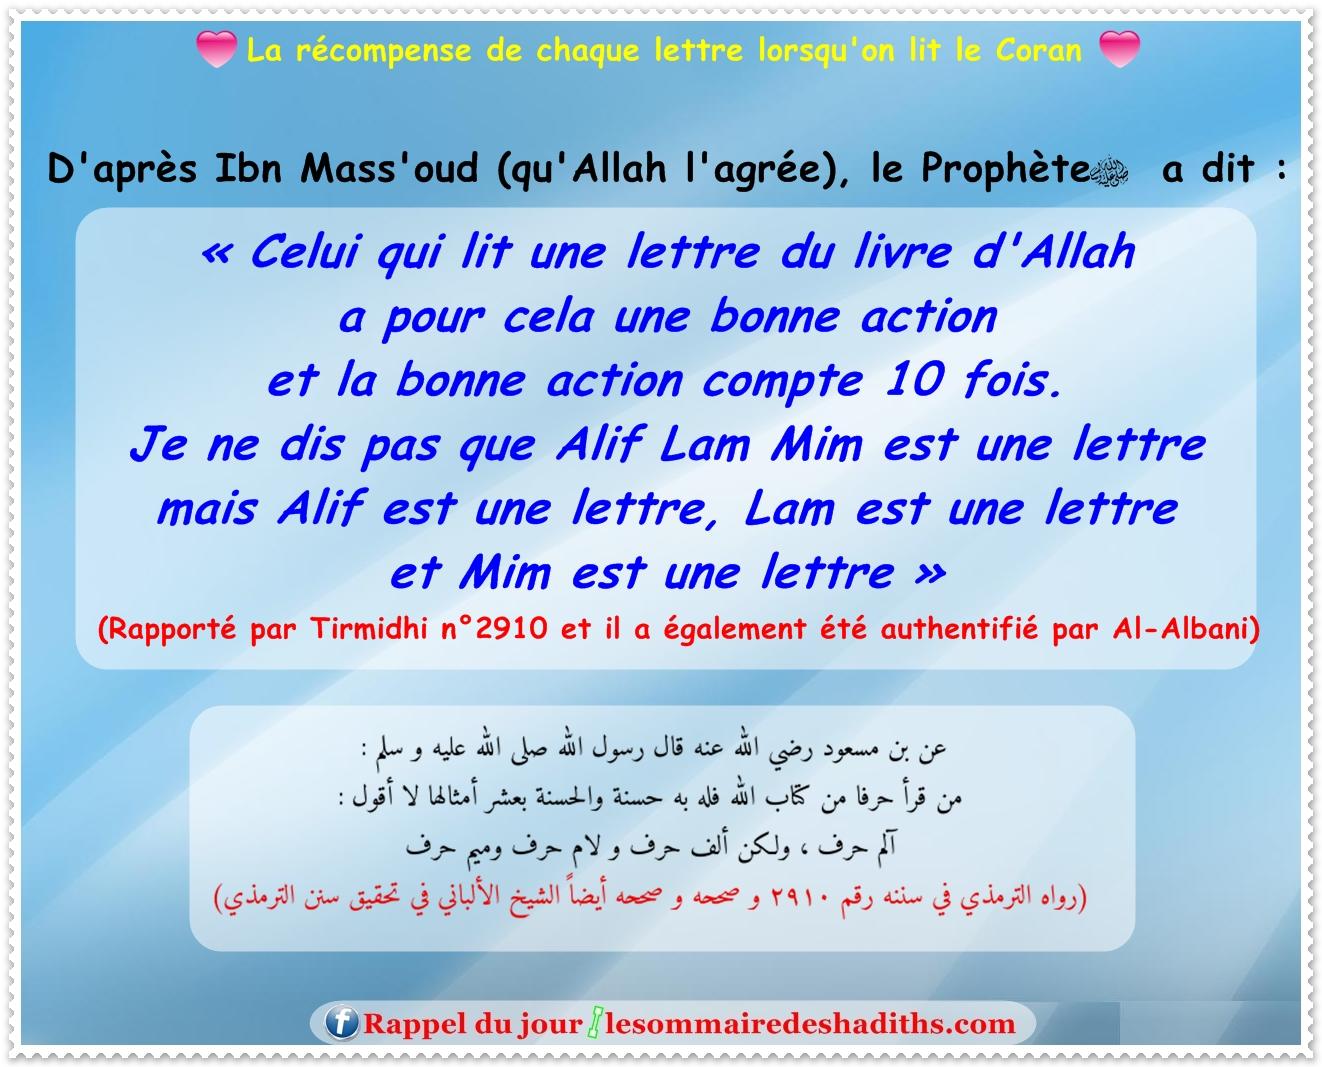 hadith La récompense de chaque lettre lorsqu'on lit le Coran (Ibn Mas'ud)